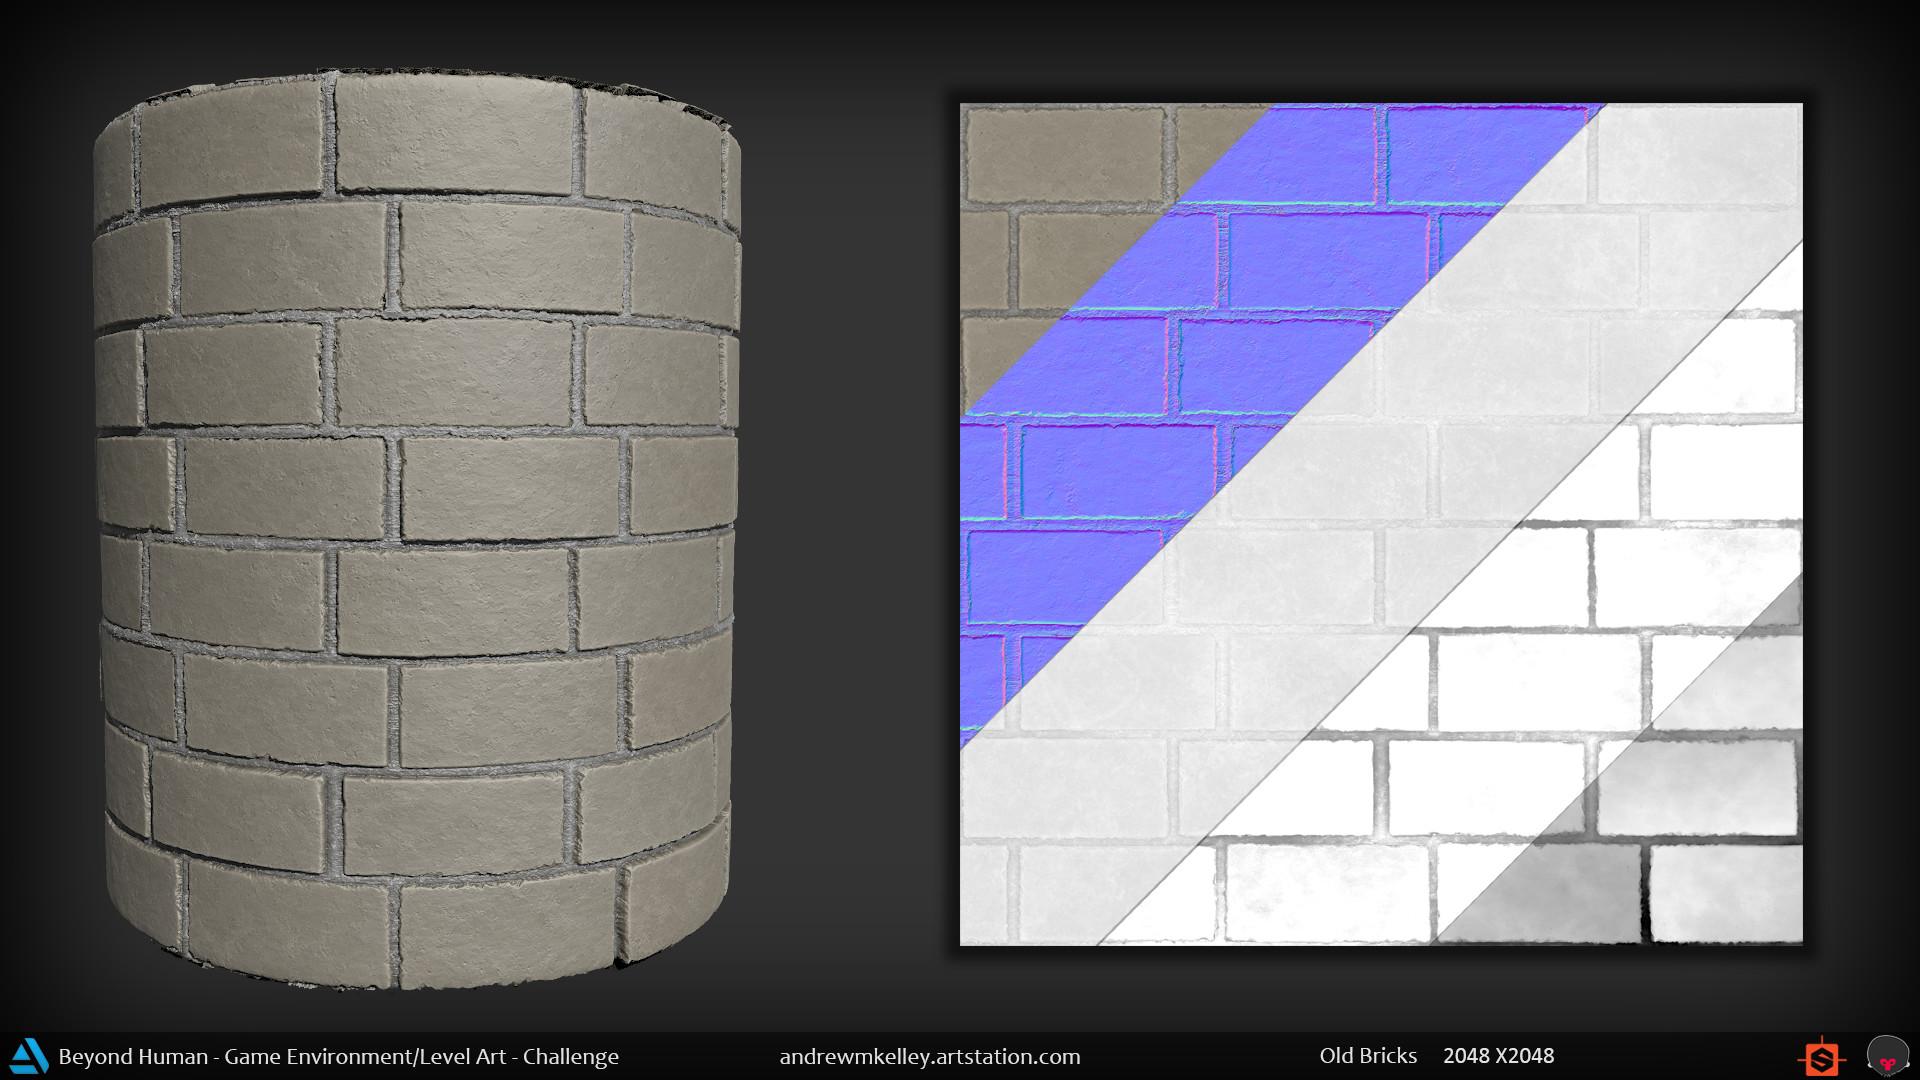 Andrew kelley materialshot bricks02